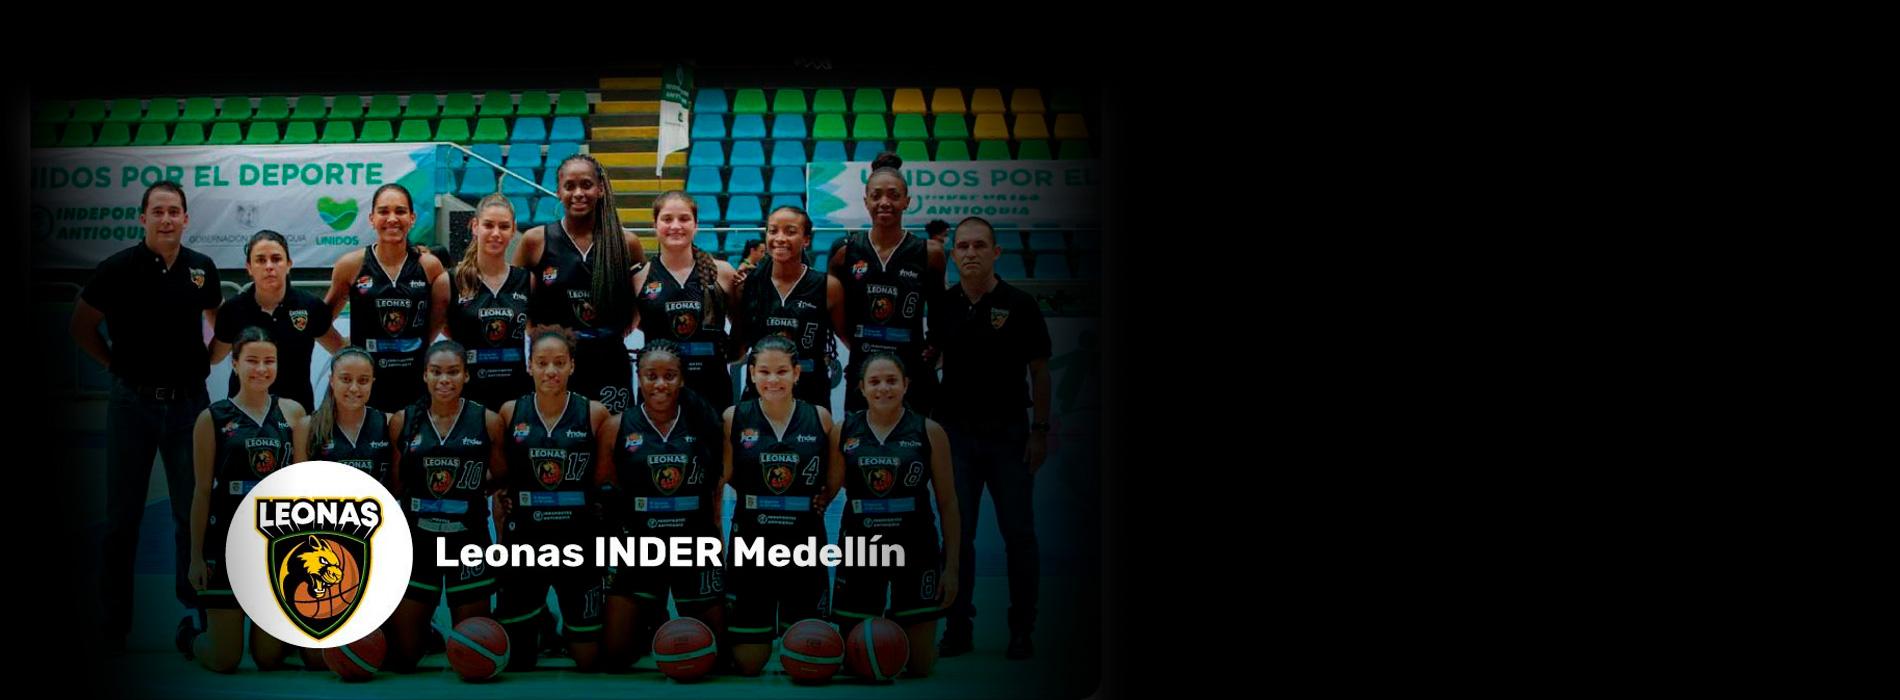 Leonas Inder Medellín campeonas de la LSBF